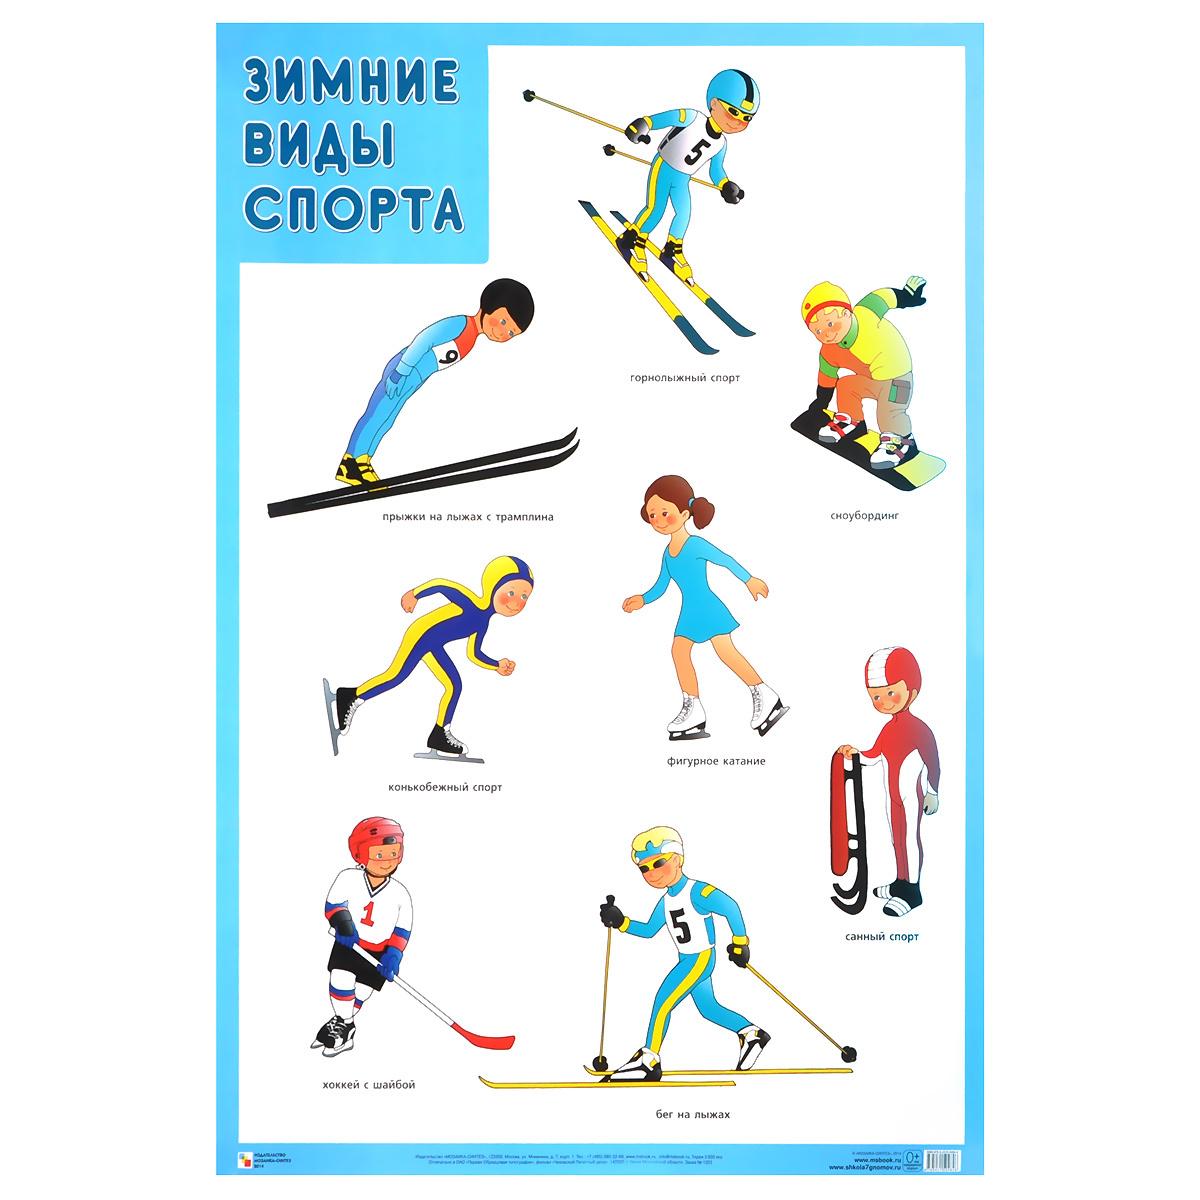 Зимние виды спорта. Плакат #1